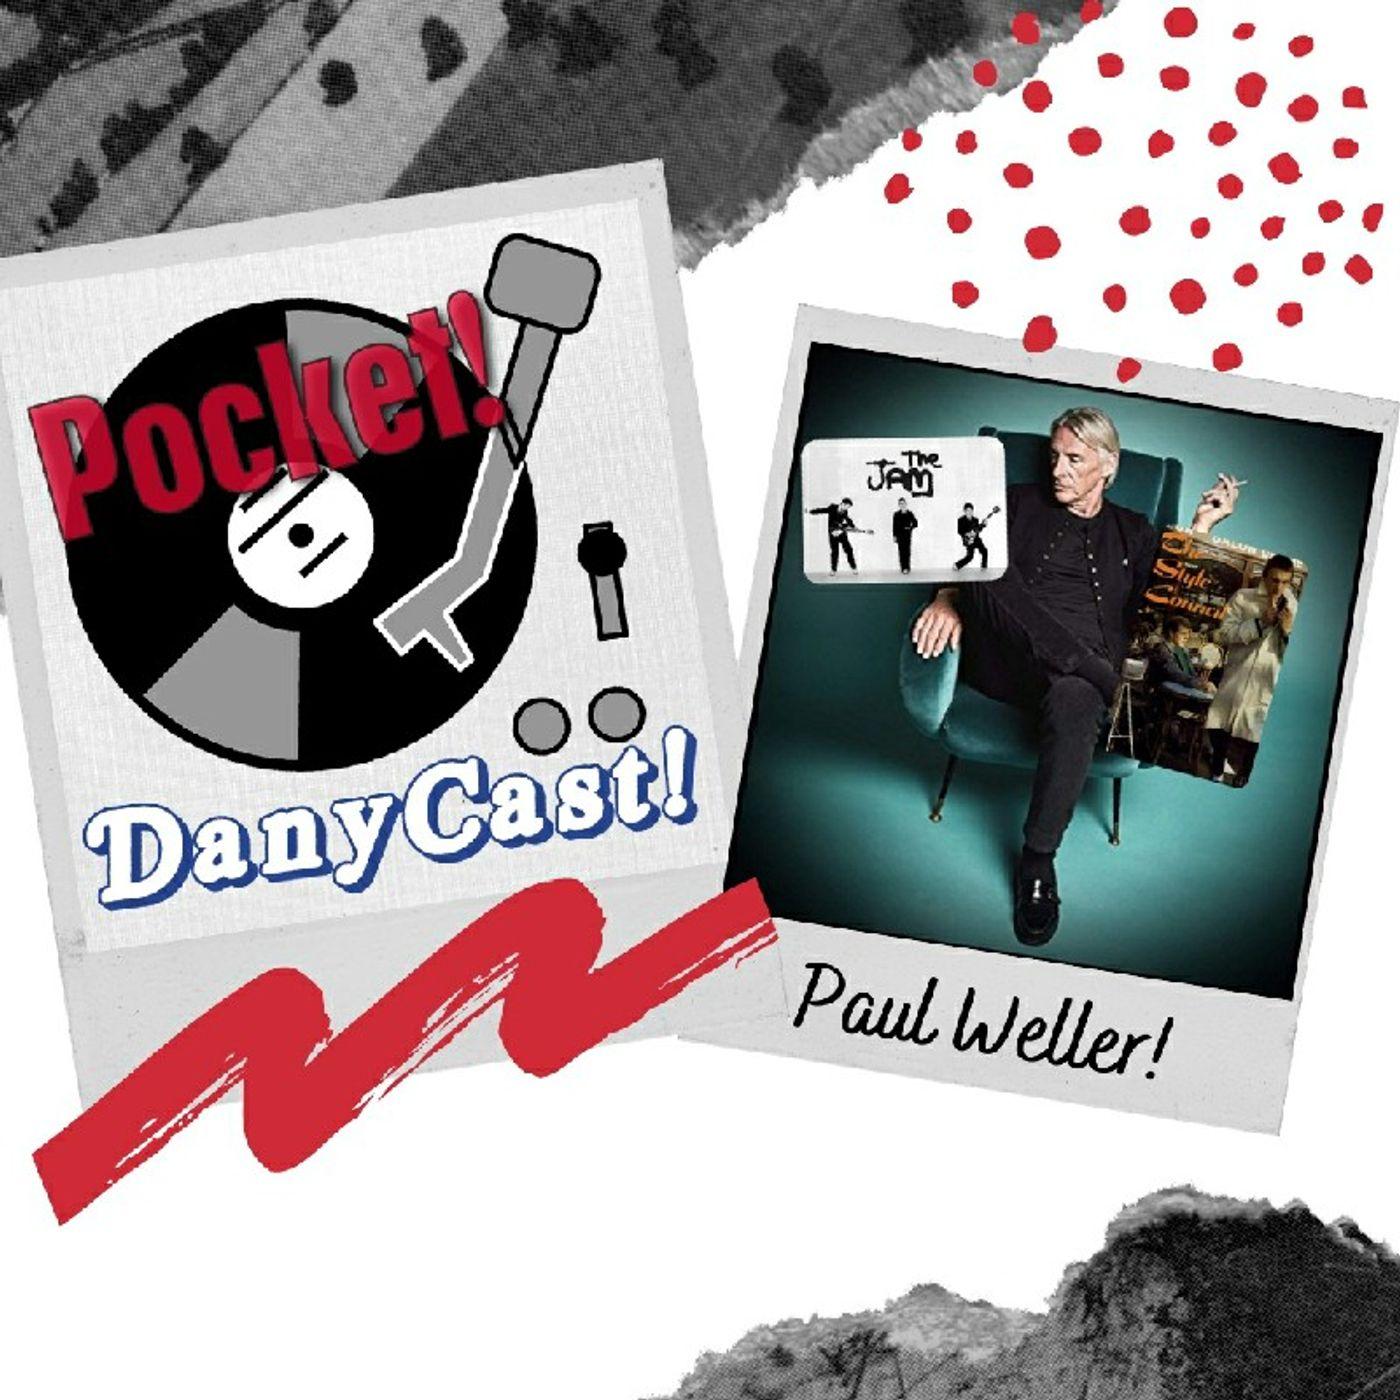 Danycast Pocket 17: Paul Weller!